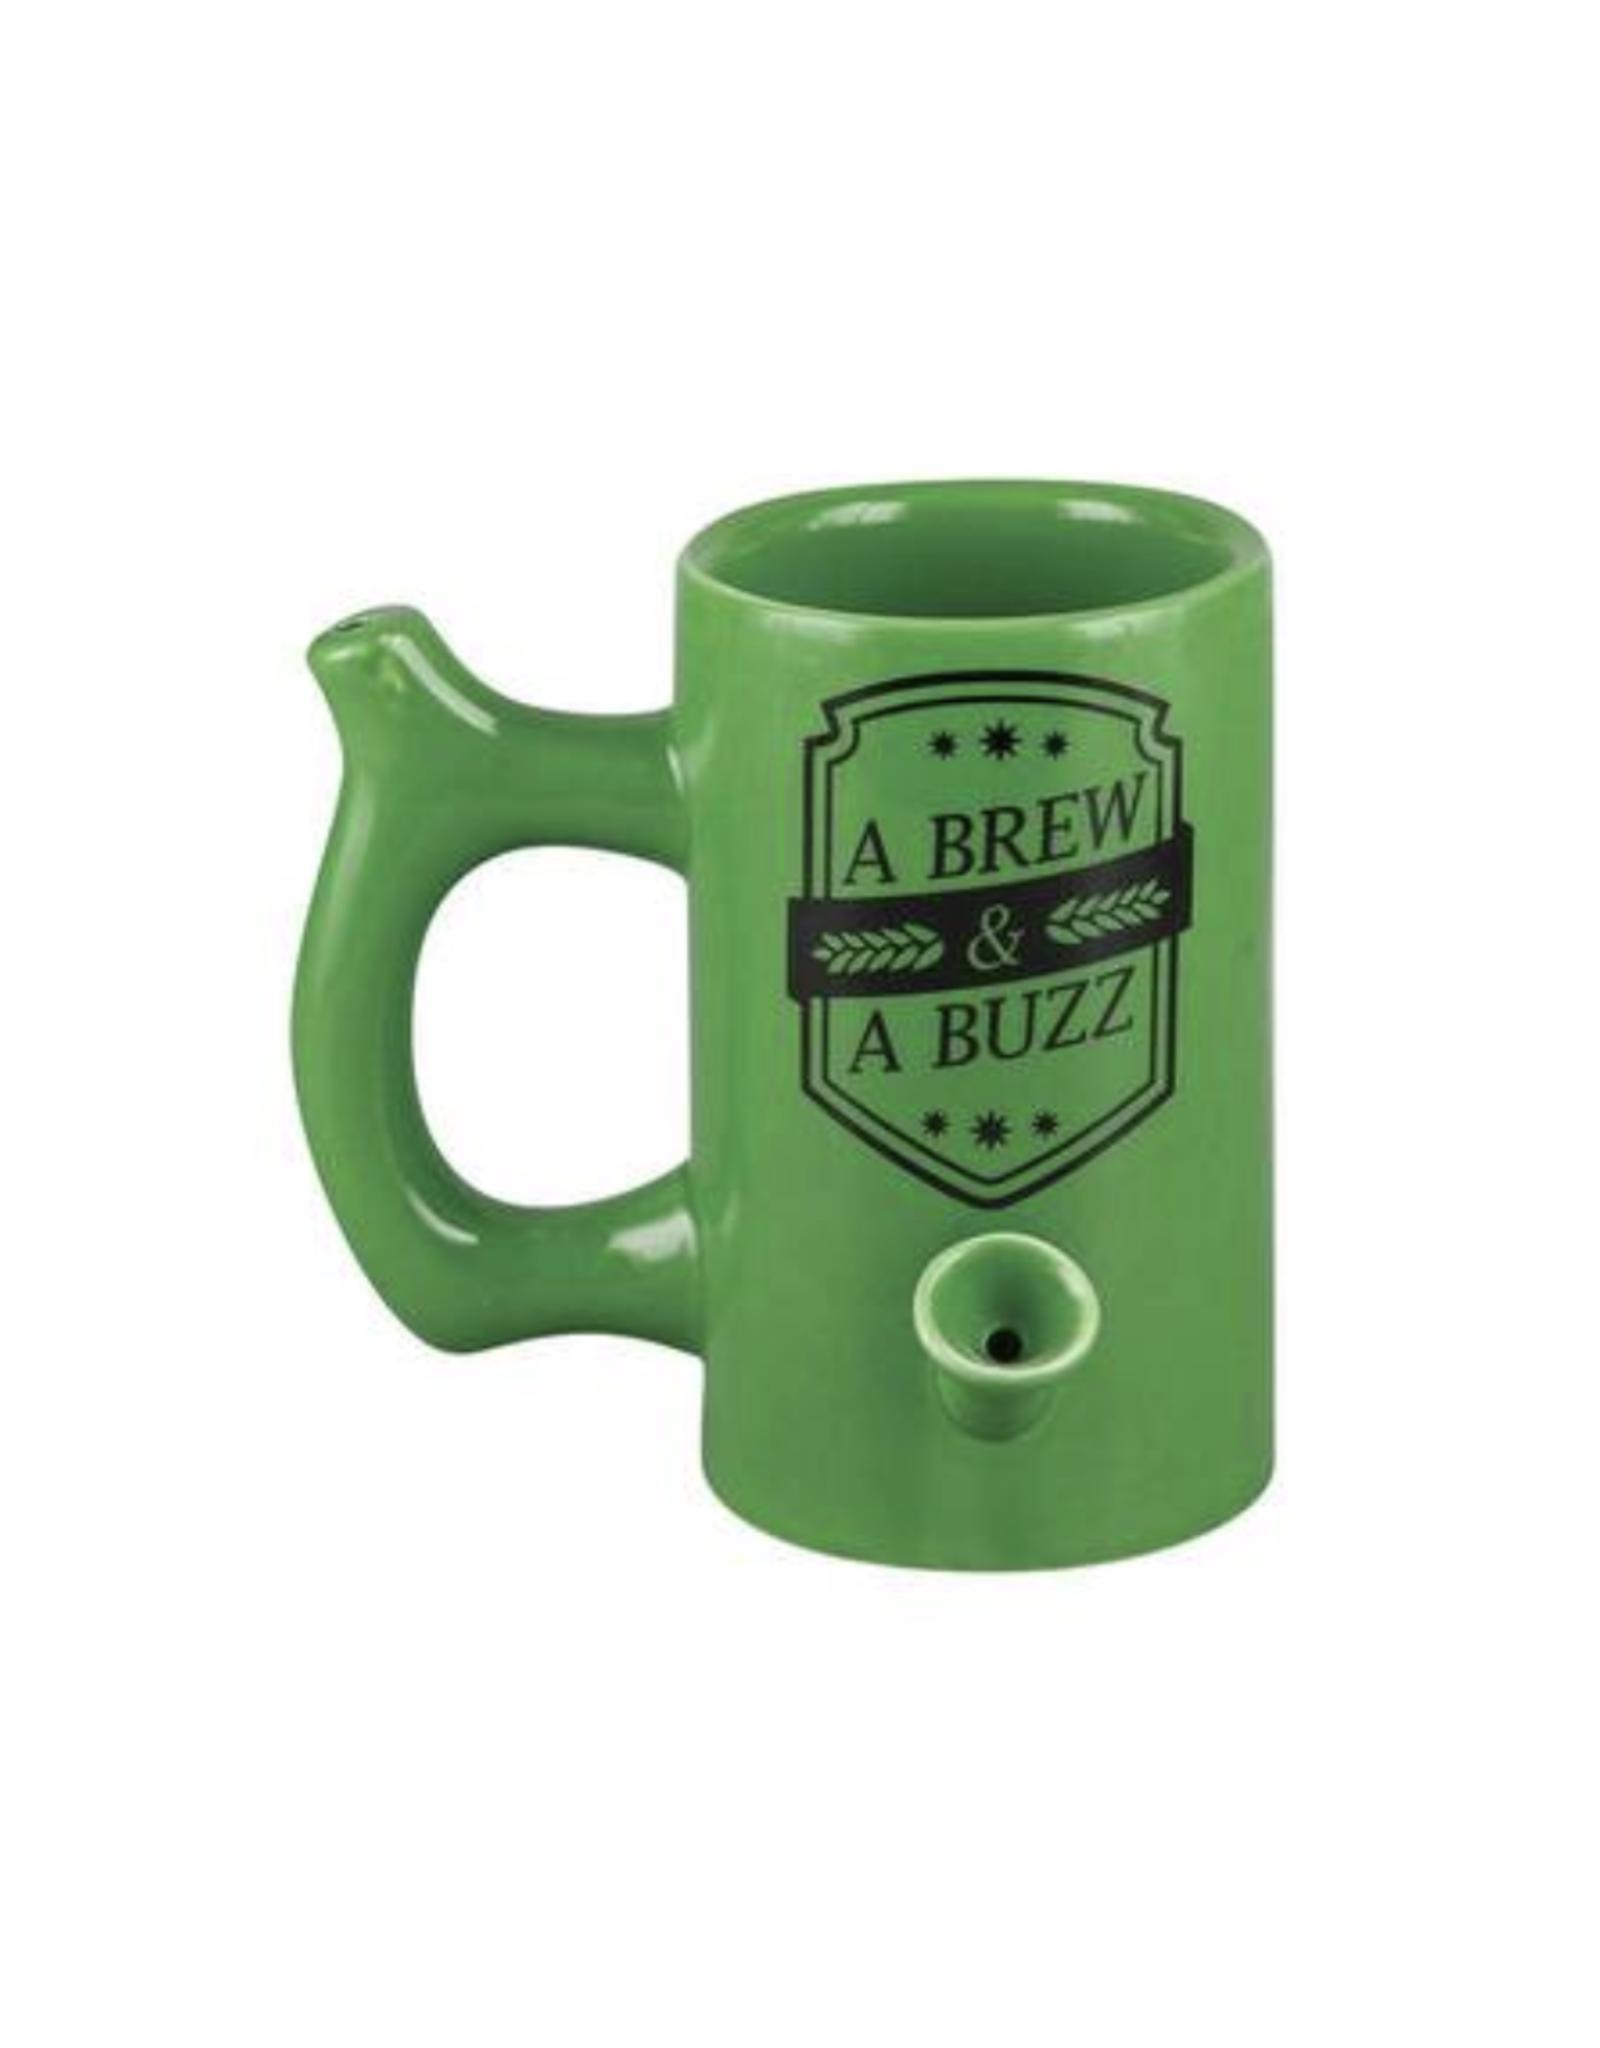 A Brew & A Buzz Mug w/ Pipe - Green